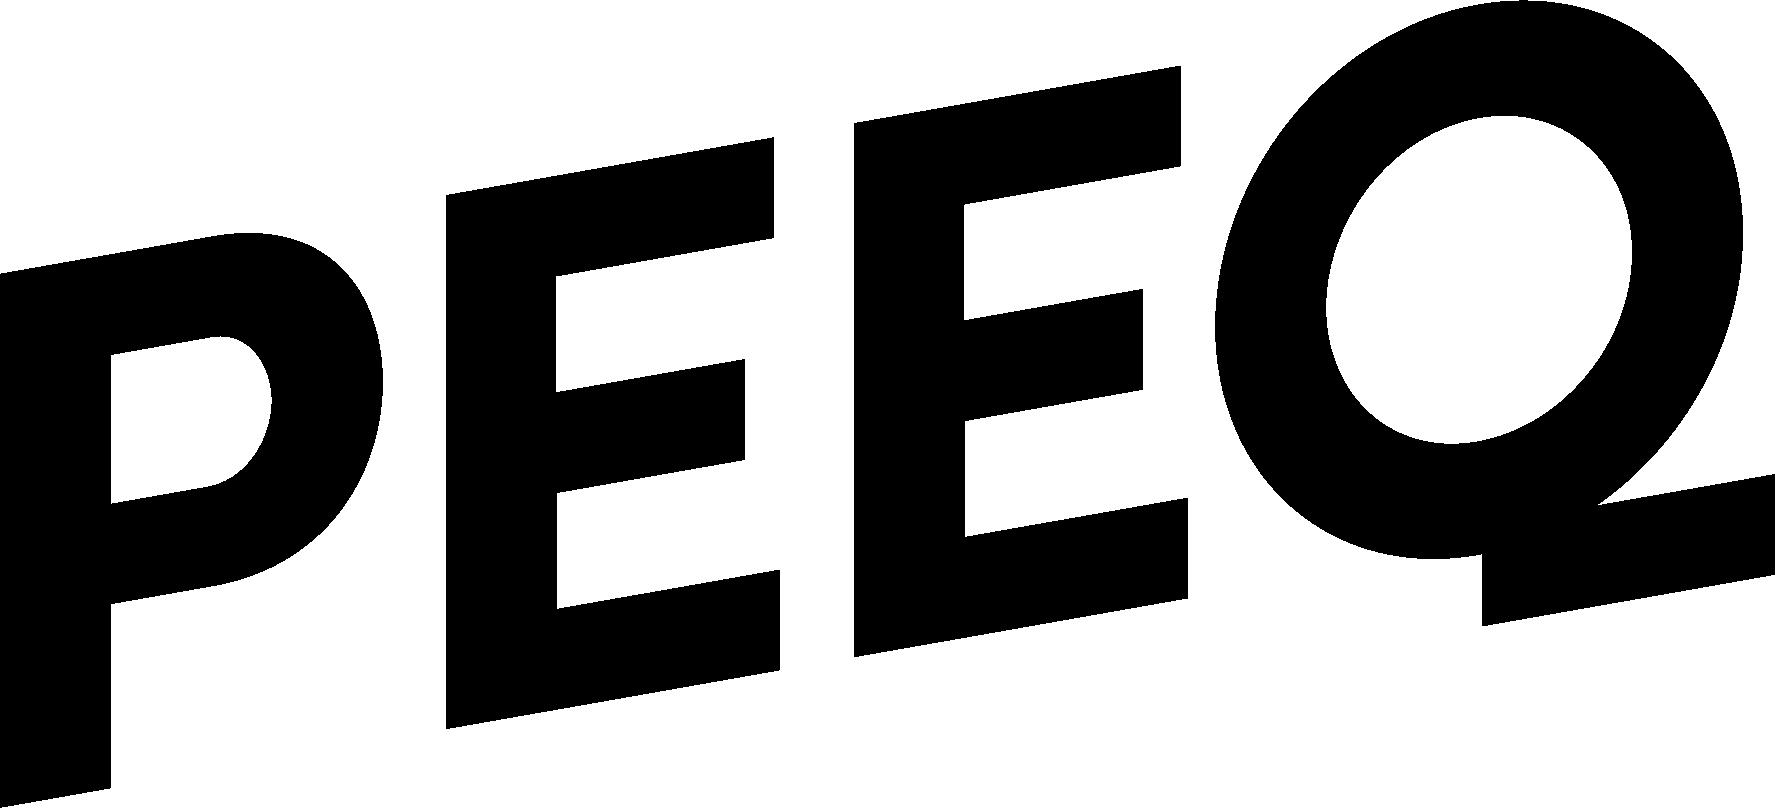 peeq-logo.png